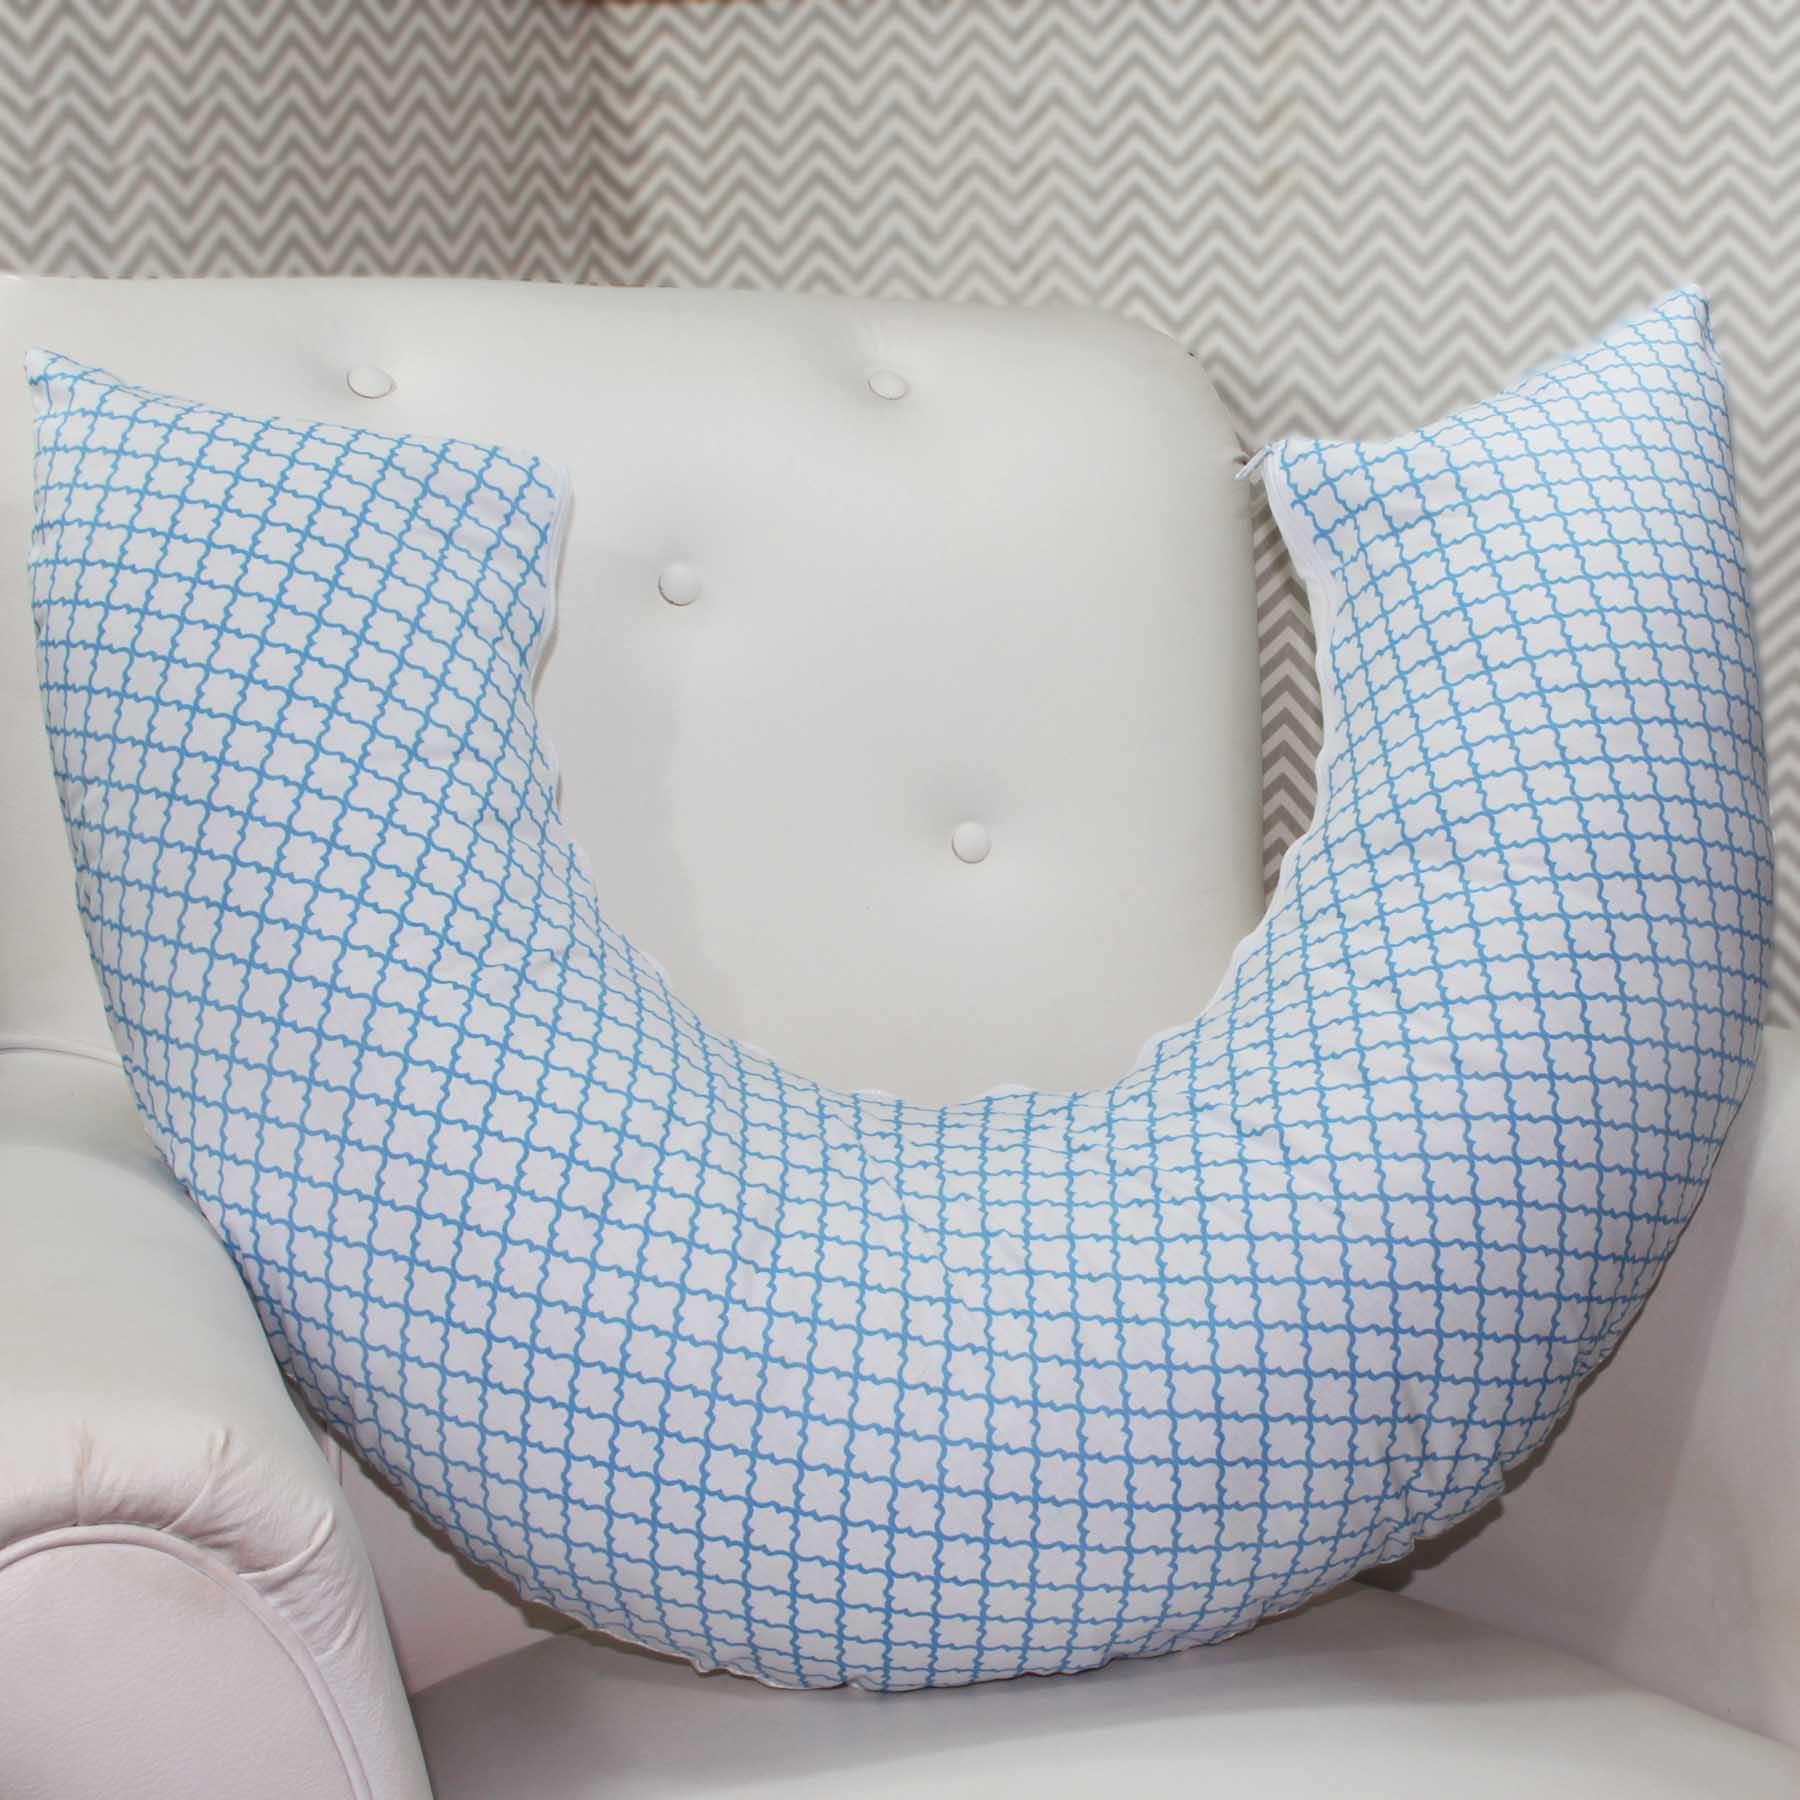 Almofada de Amamentação - Zôo Azul